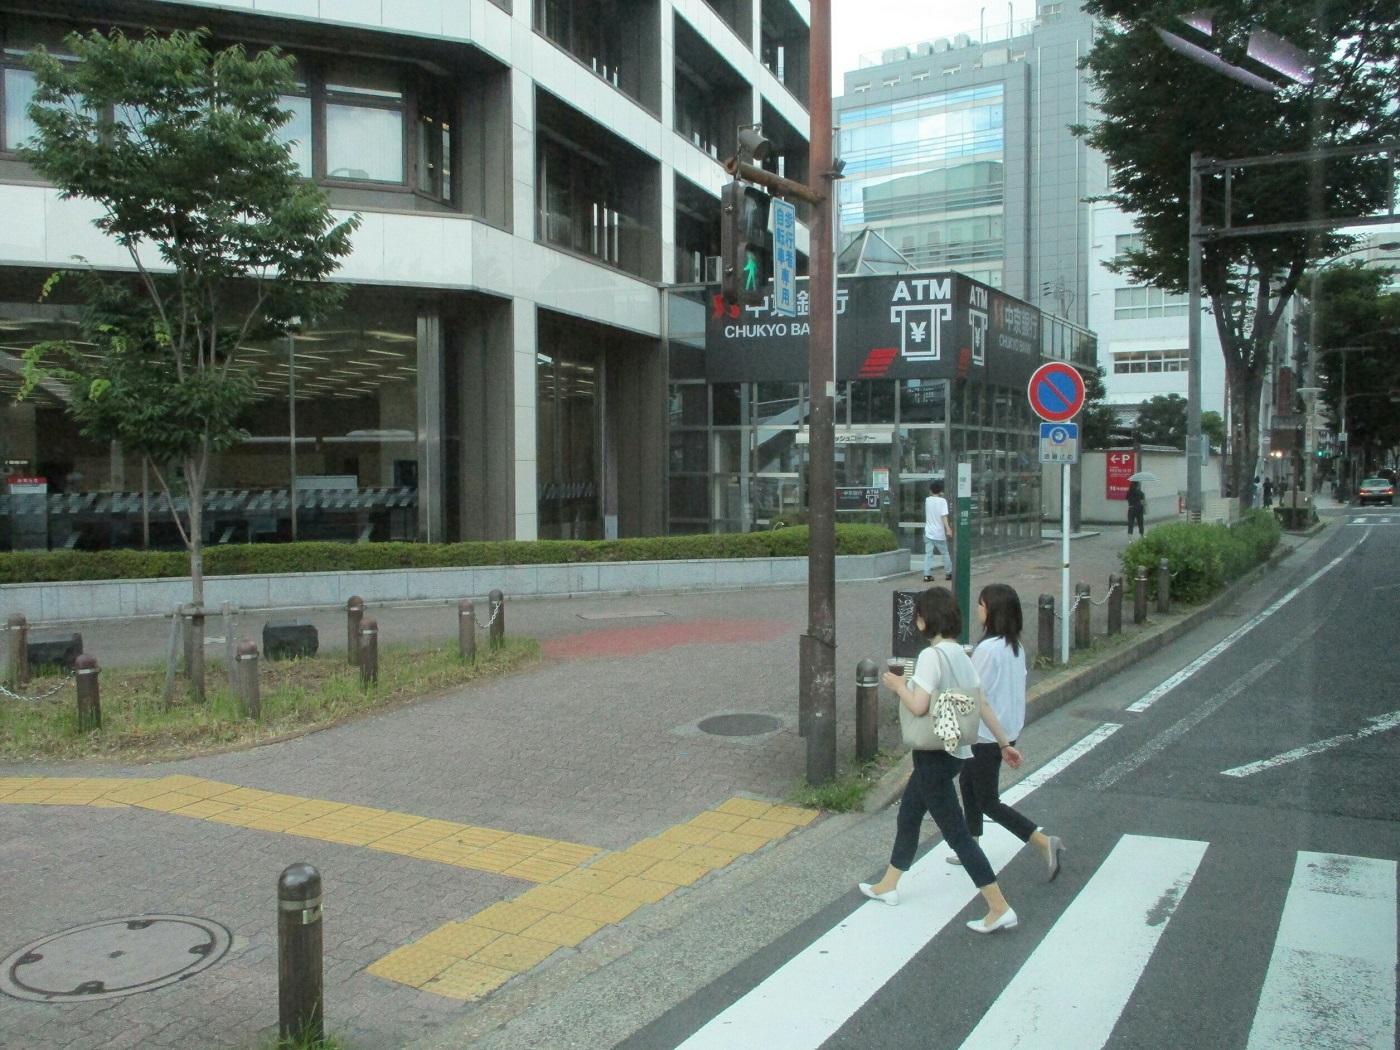 2018.6.27 (19) 愛知医科大学病院いきバス - 矢場町交差点を左折 1400-1050